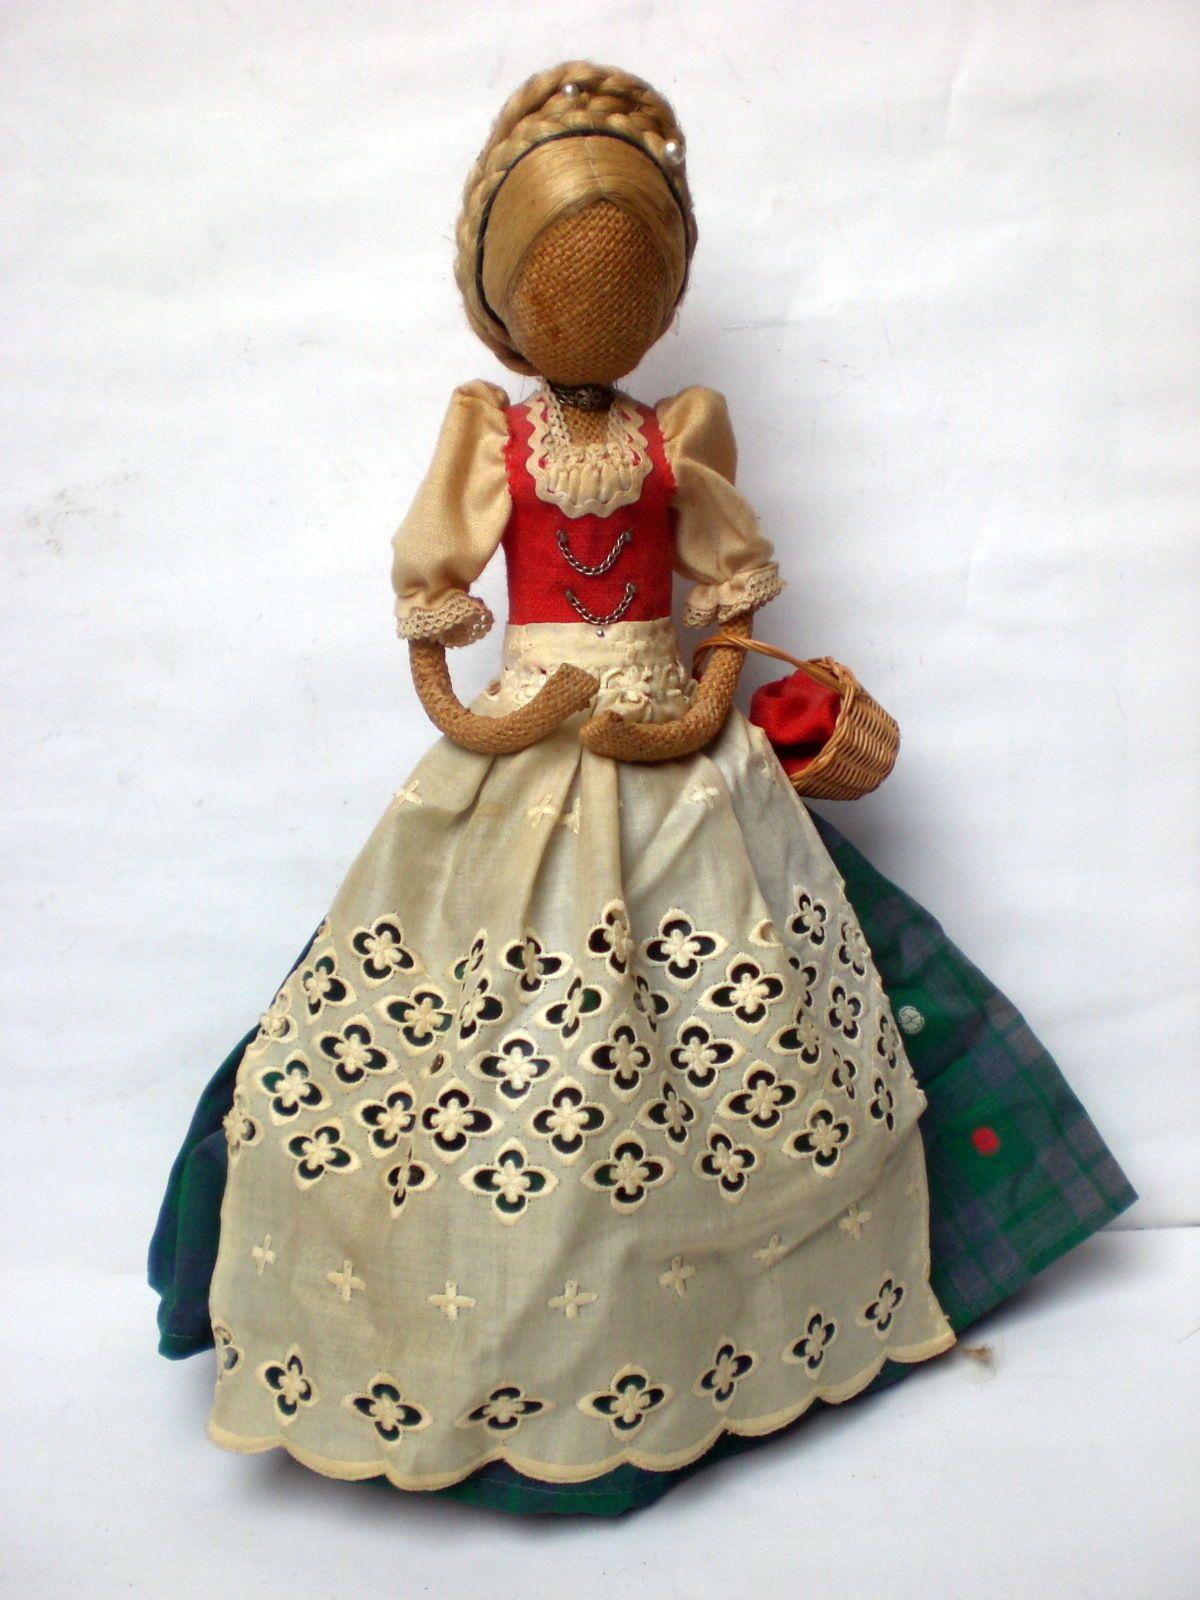 Südtiroler Rupfenpuppe, hochwertig, älter, 33 cm in Antiquitäten & Kunst, Antikspielzeug, Puppen & Zubehör | eBay!